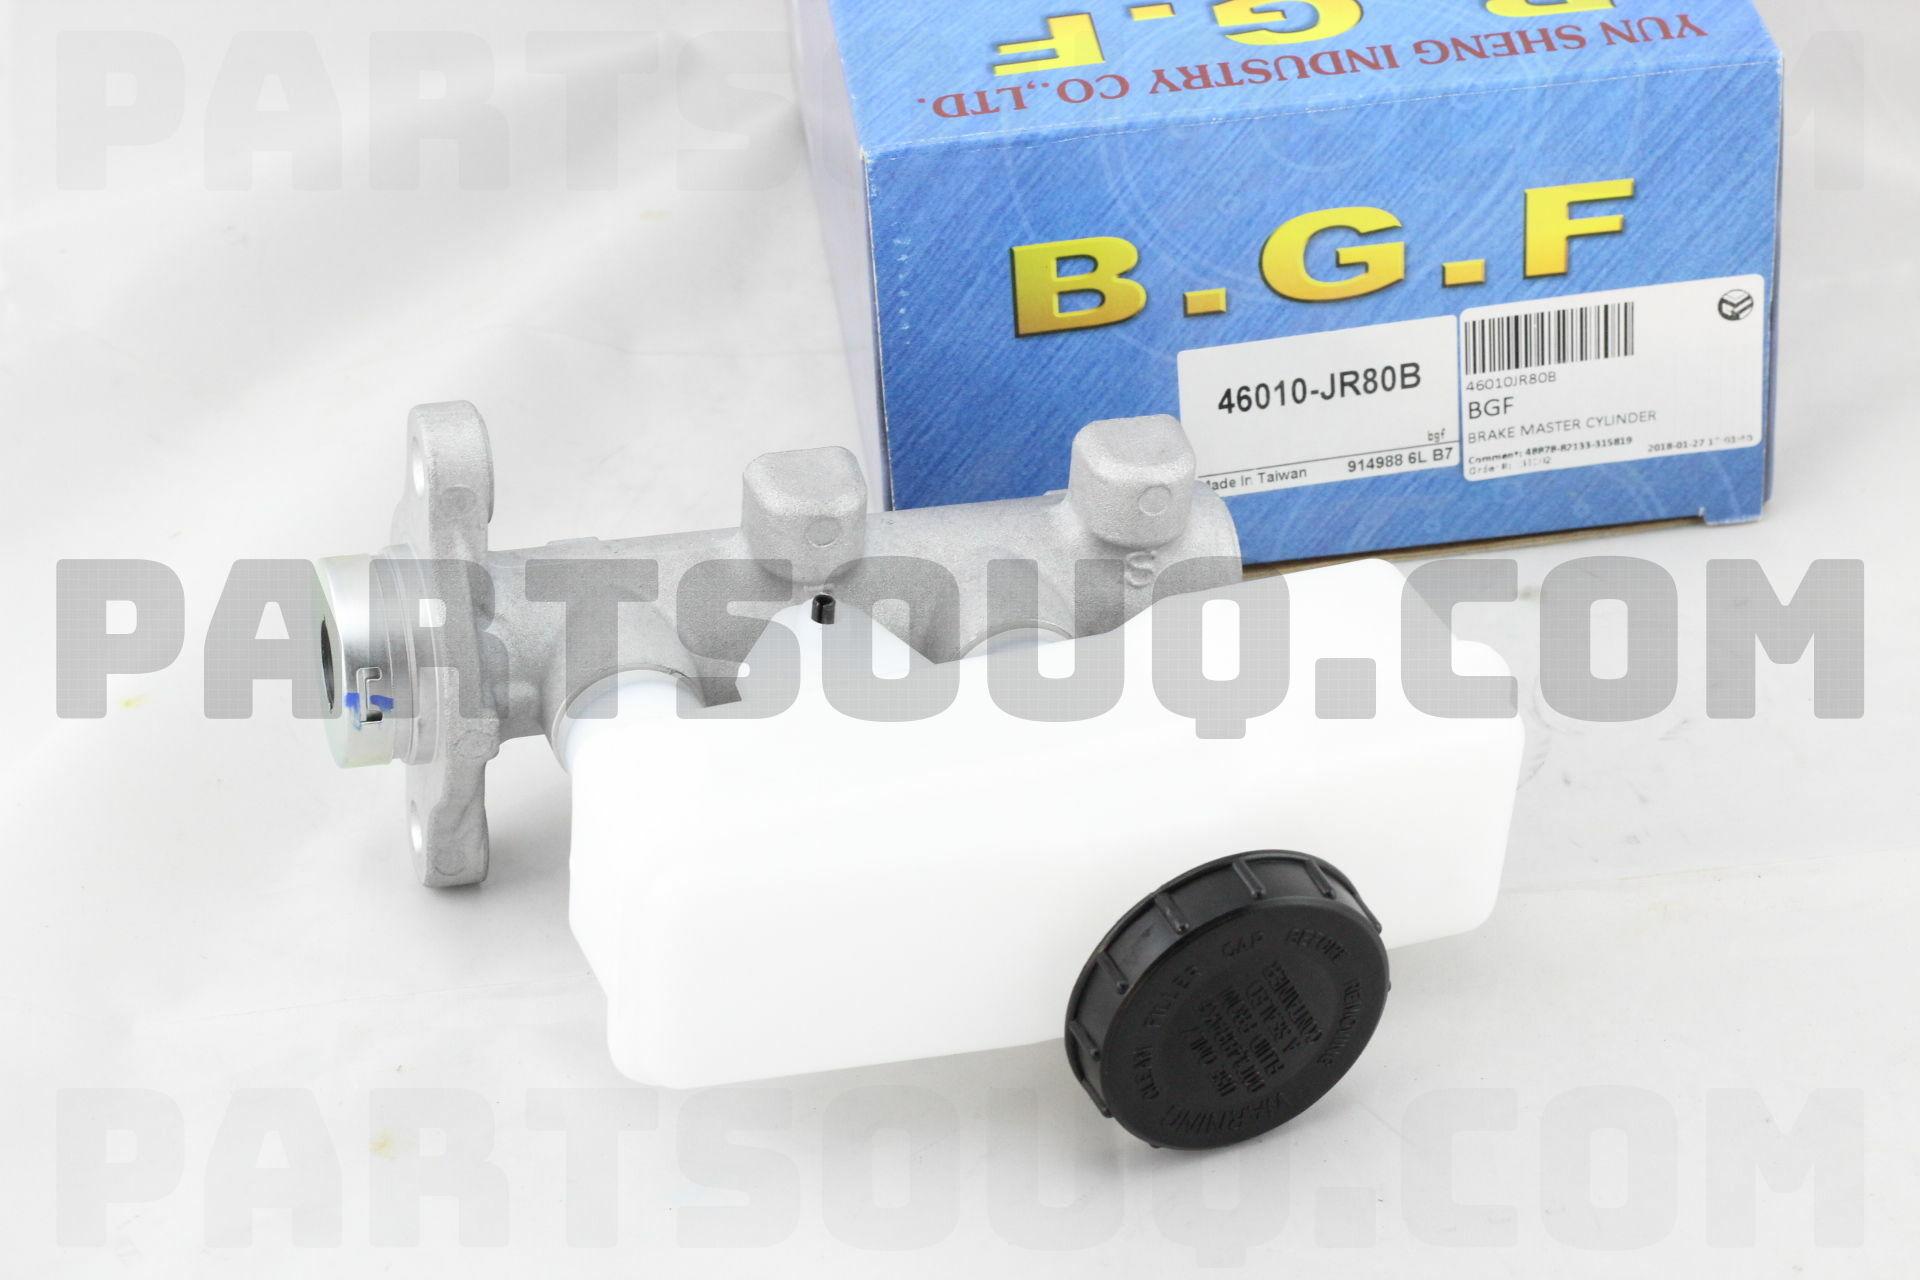 Master Cylinder Price >> 46010jr80b Bgf Brake Master Cylinder Price 49 24 Weight 0 82kg